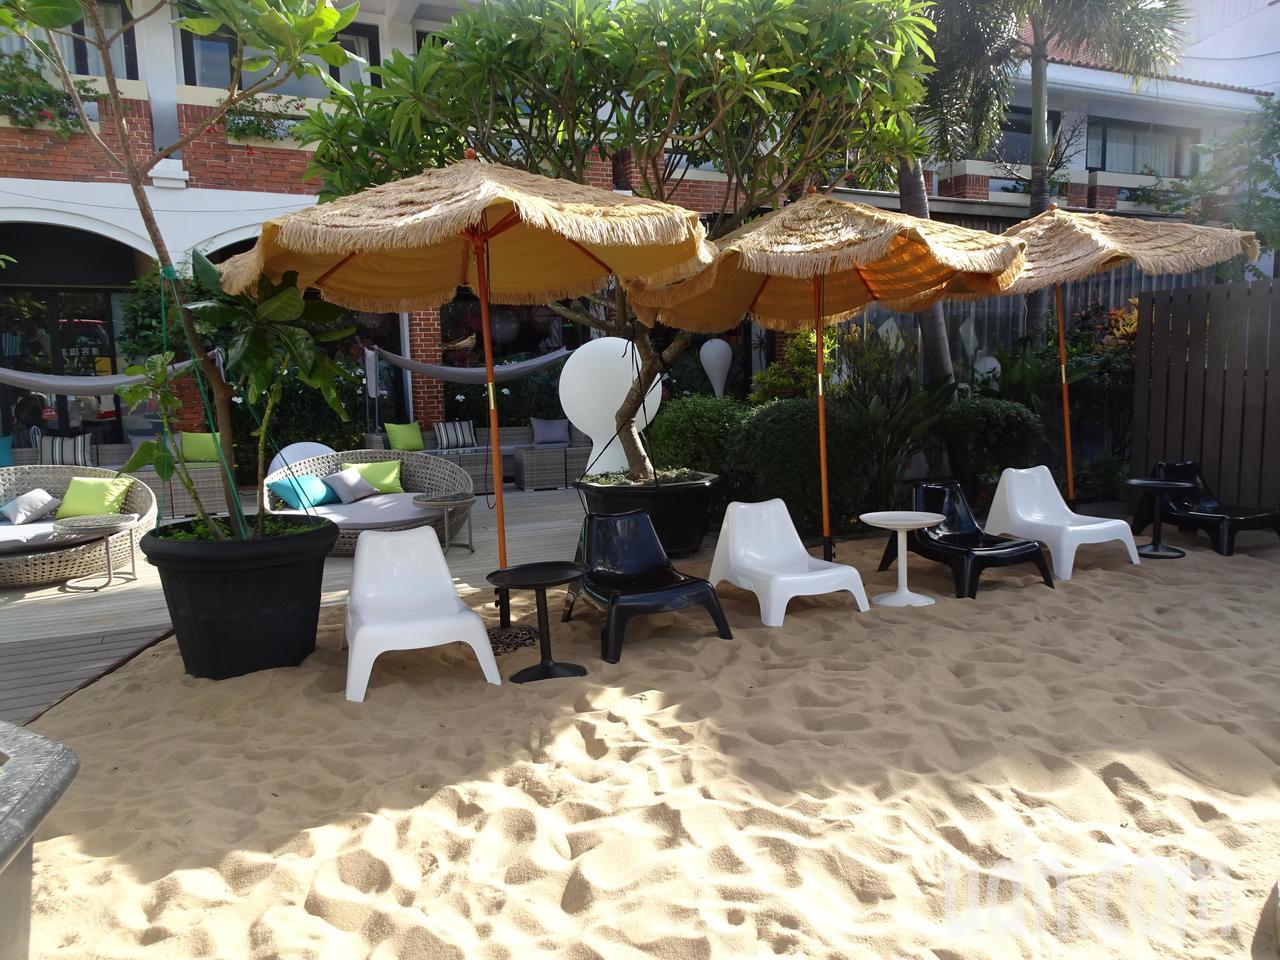 承億文旅集團插旗墾丁的「墾丁雅客小半島」分館,除將沙灘搬到旅店一角,還結合新興的...